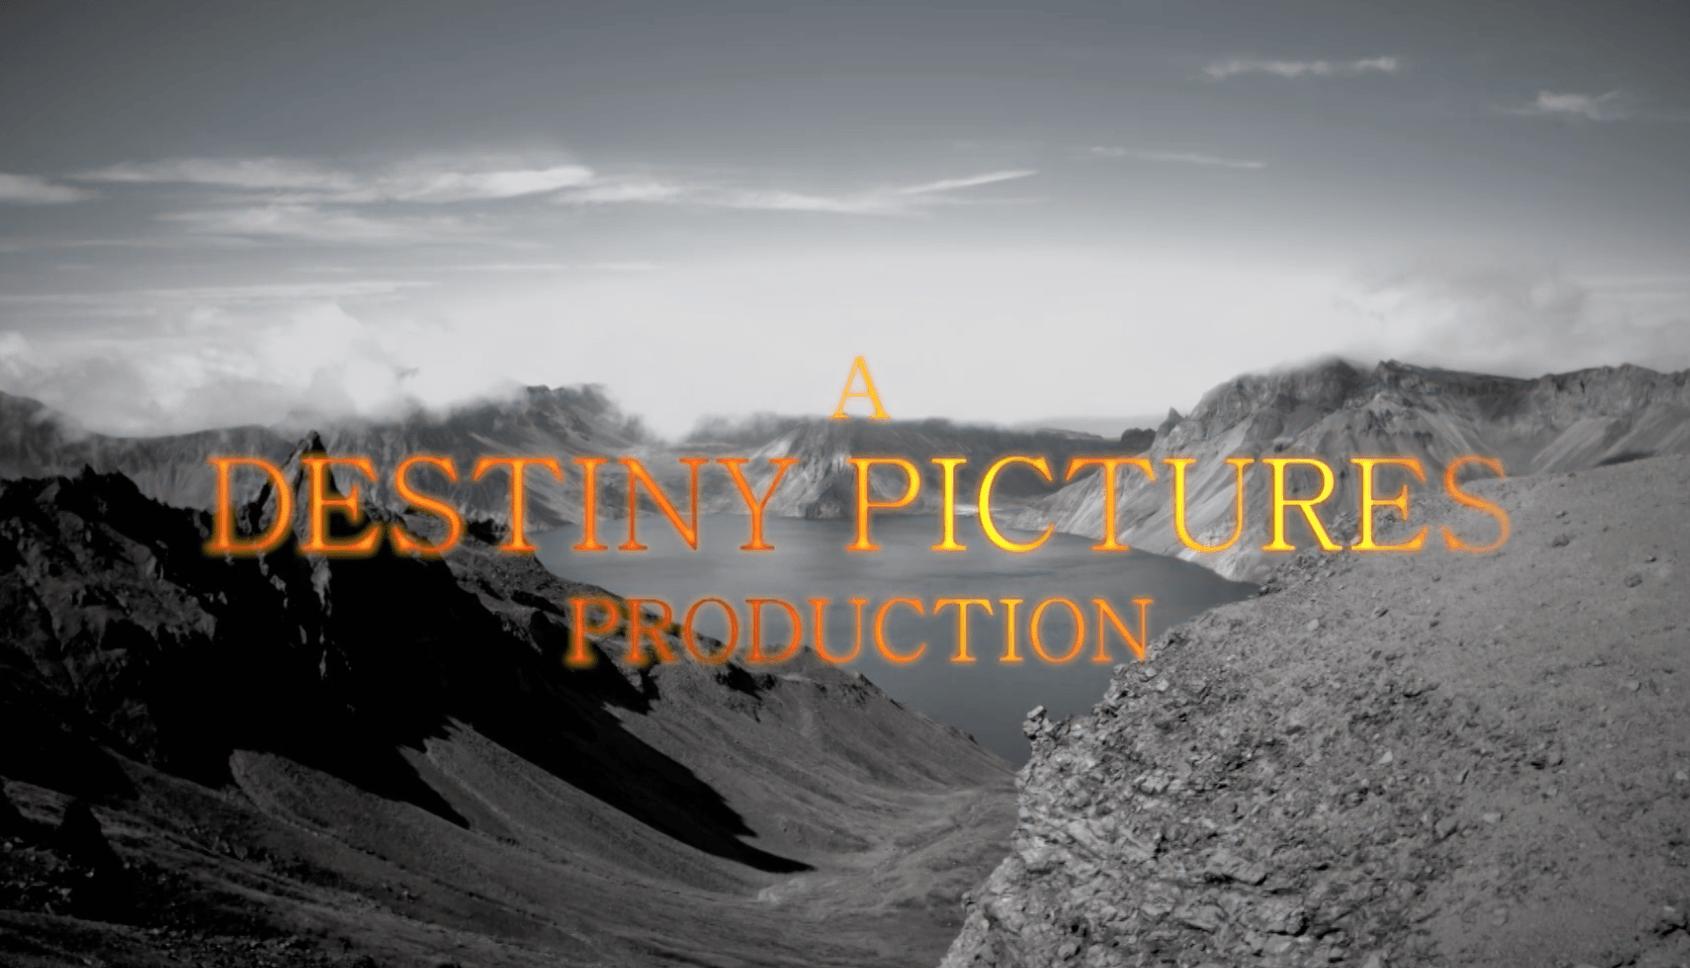 Destiny Pictures Production